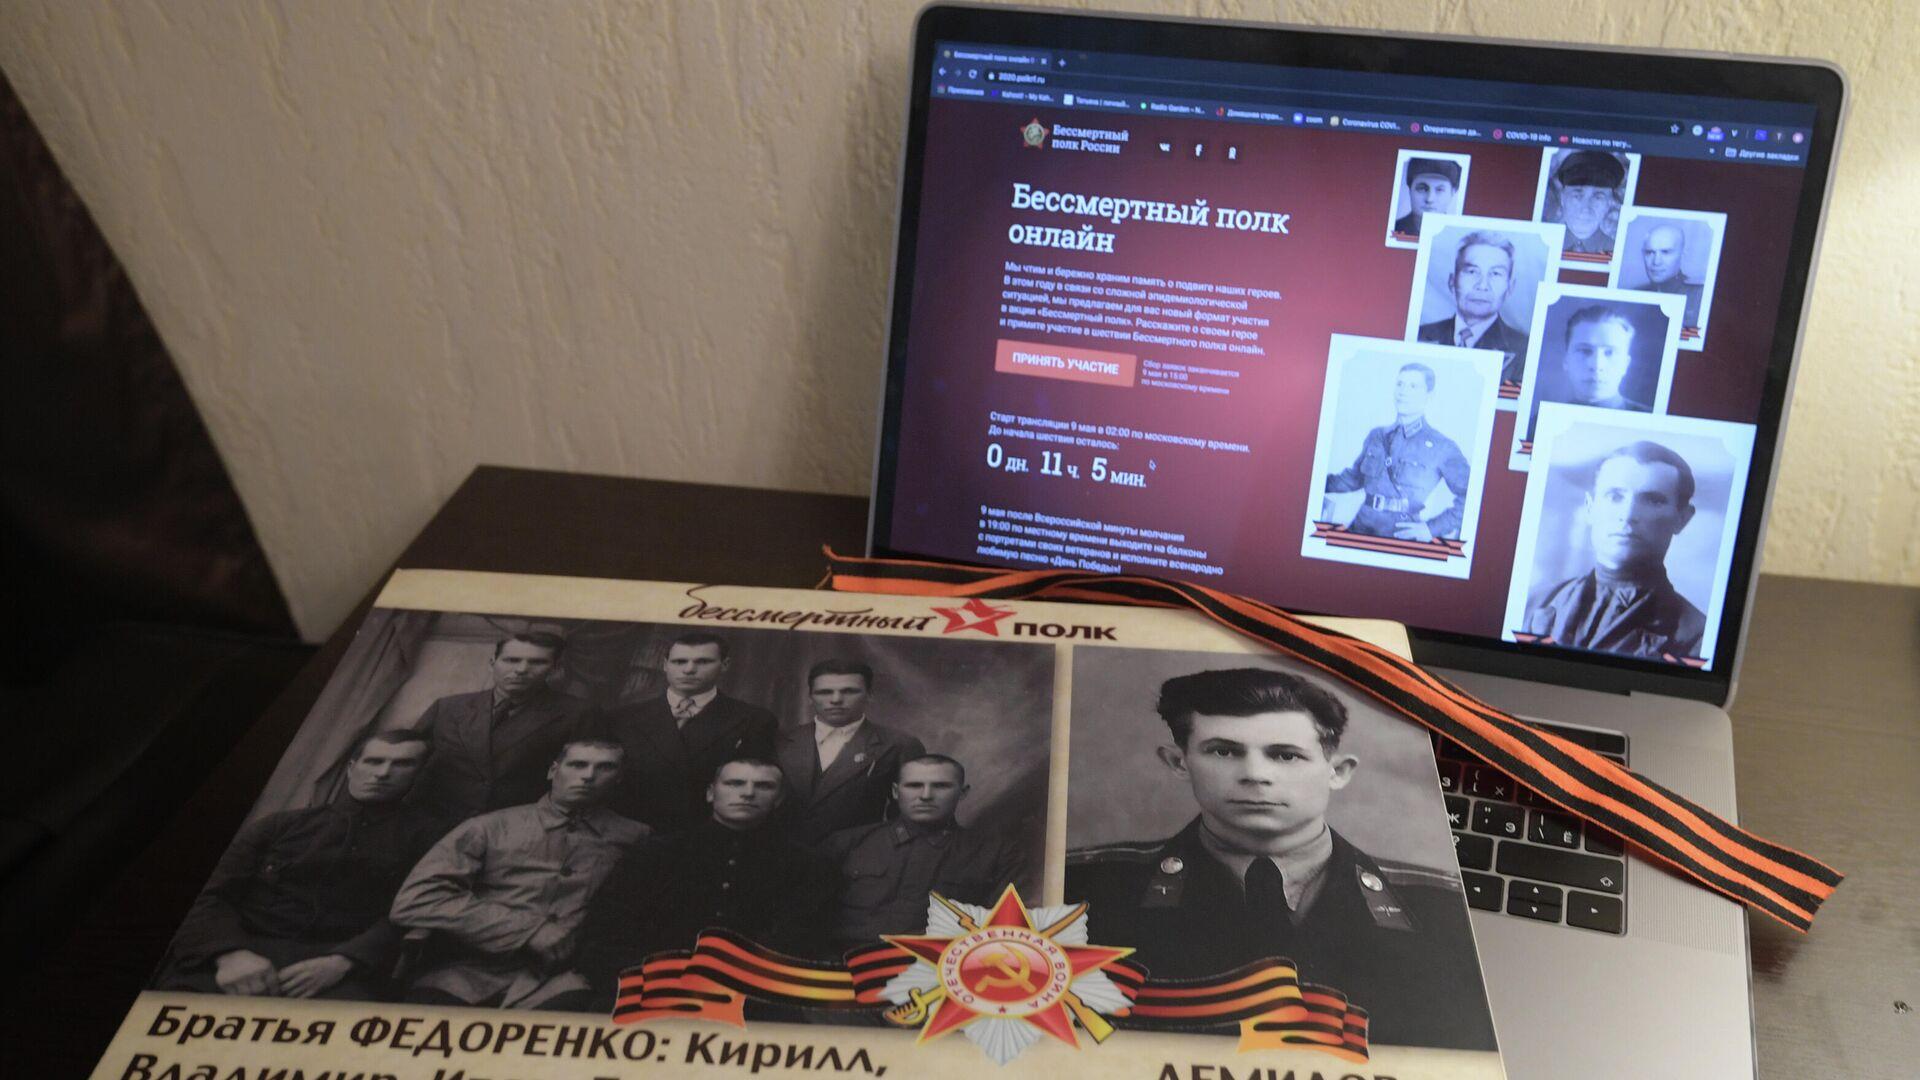 Житель Москвы заполняет заявку для участия в акции Бессмертный полк онлайн - РИА Новости, 1920, 19.04.2021